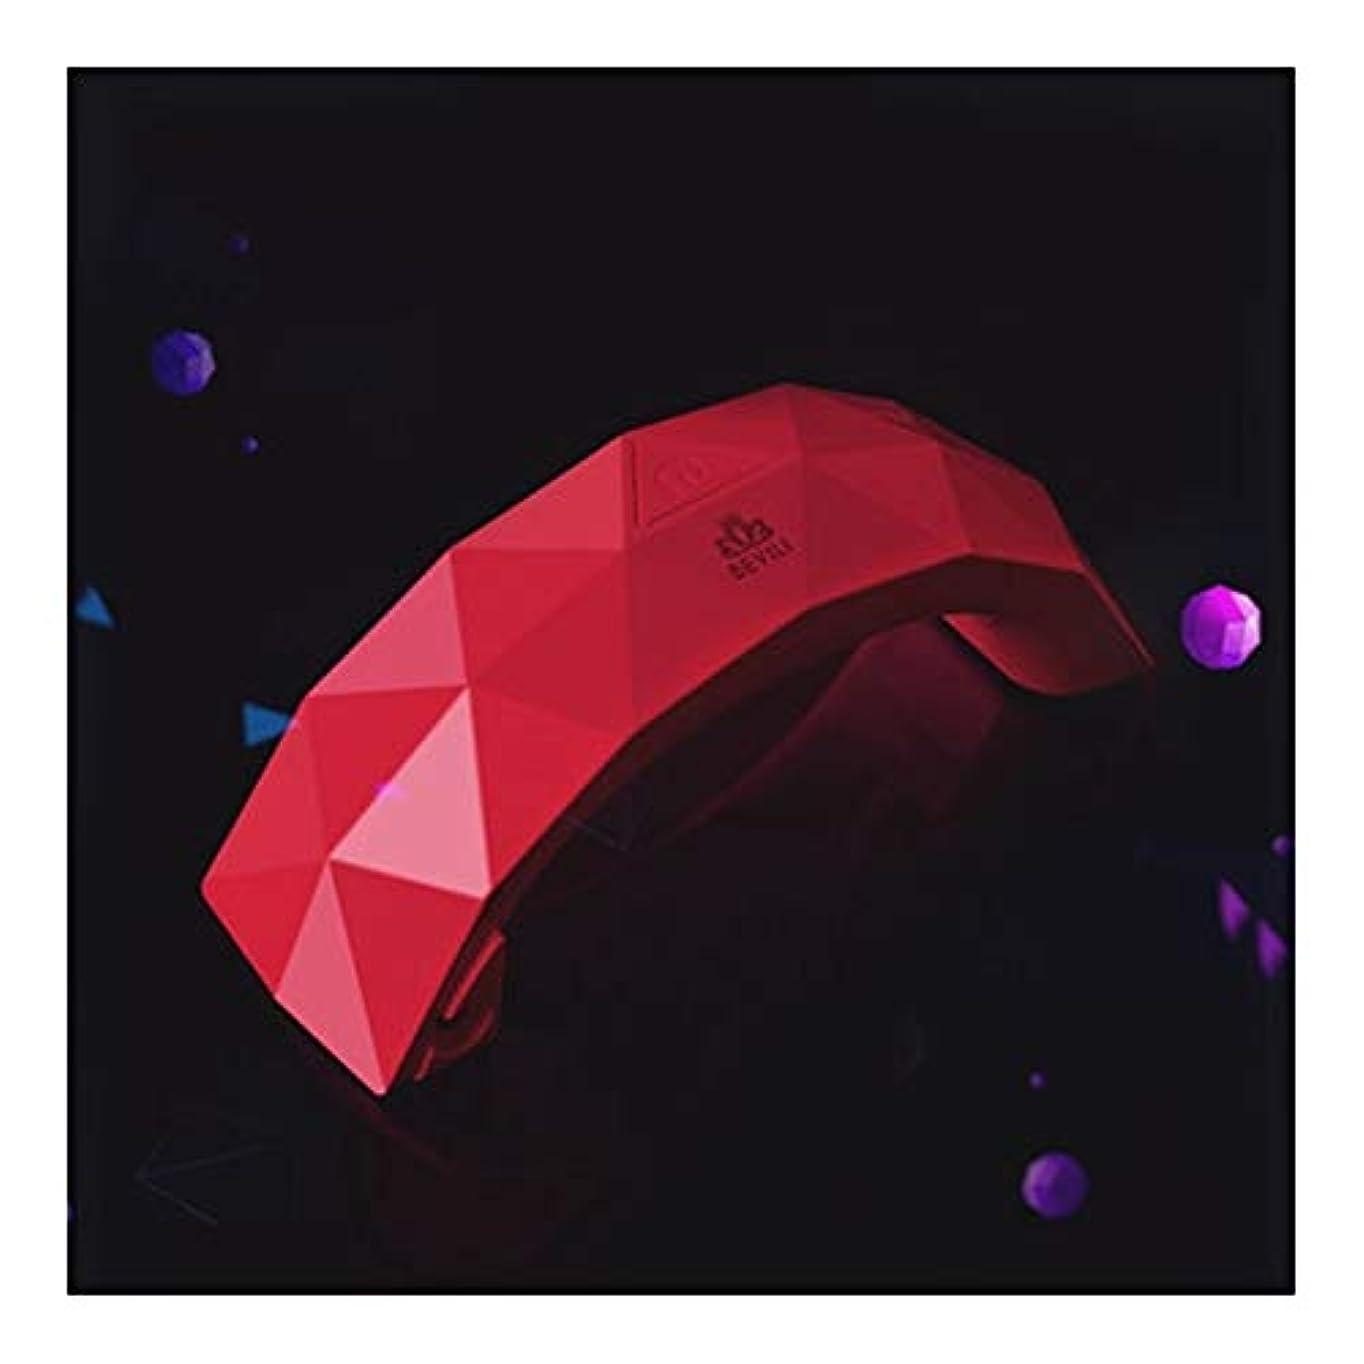 側溝分配します花LittleCat ミニLEDレインボーライトセラピーランプジェルネイルポリッシュネイルズネイルドライヤーの熱ランプライト療法機械 (色 : 赤)